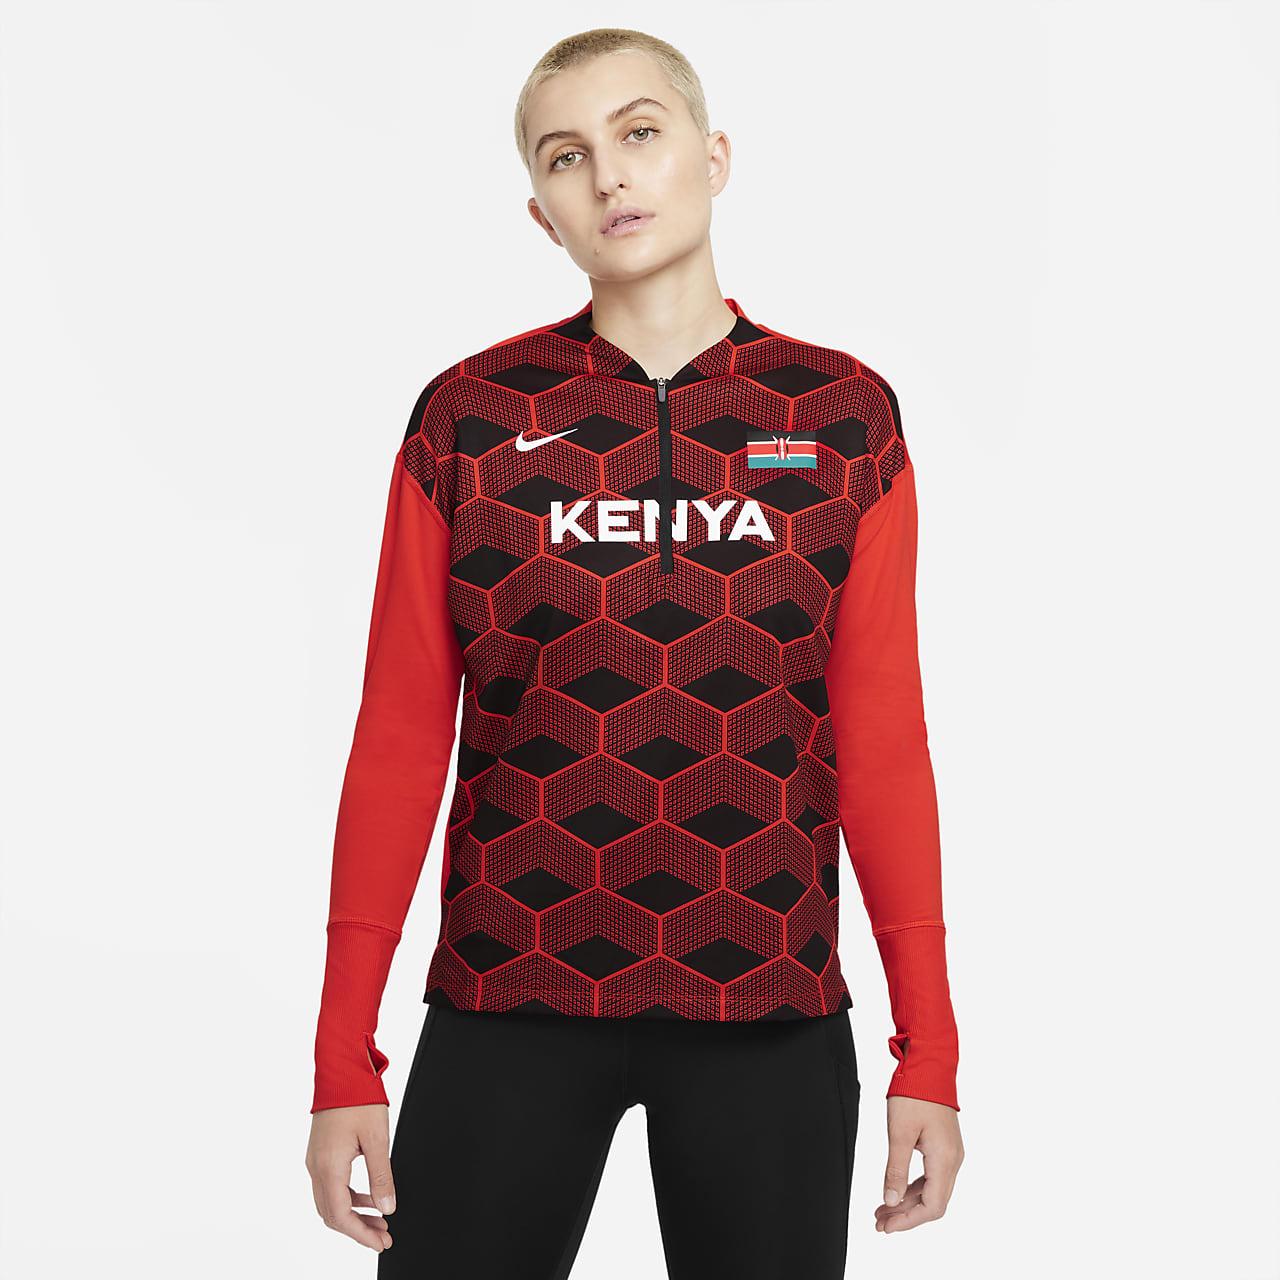 Γυναικεία μπλούζα για τρέξιμο με φερμουάρ στο μισό μήκος Nike Team Κένυα